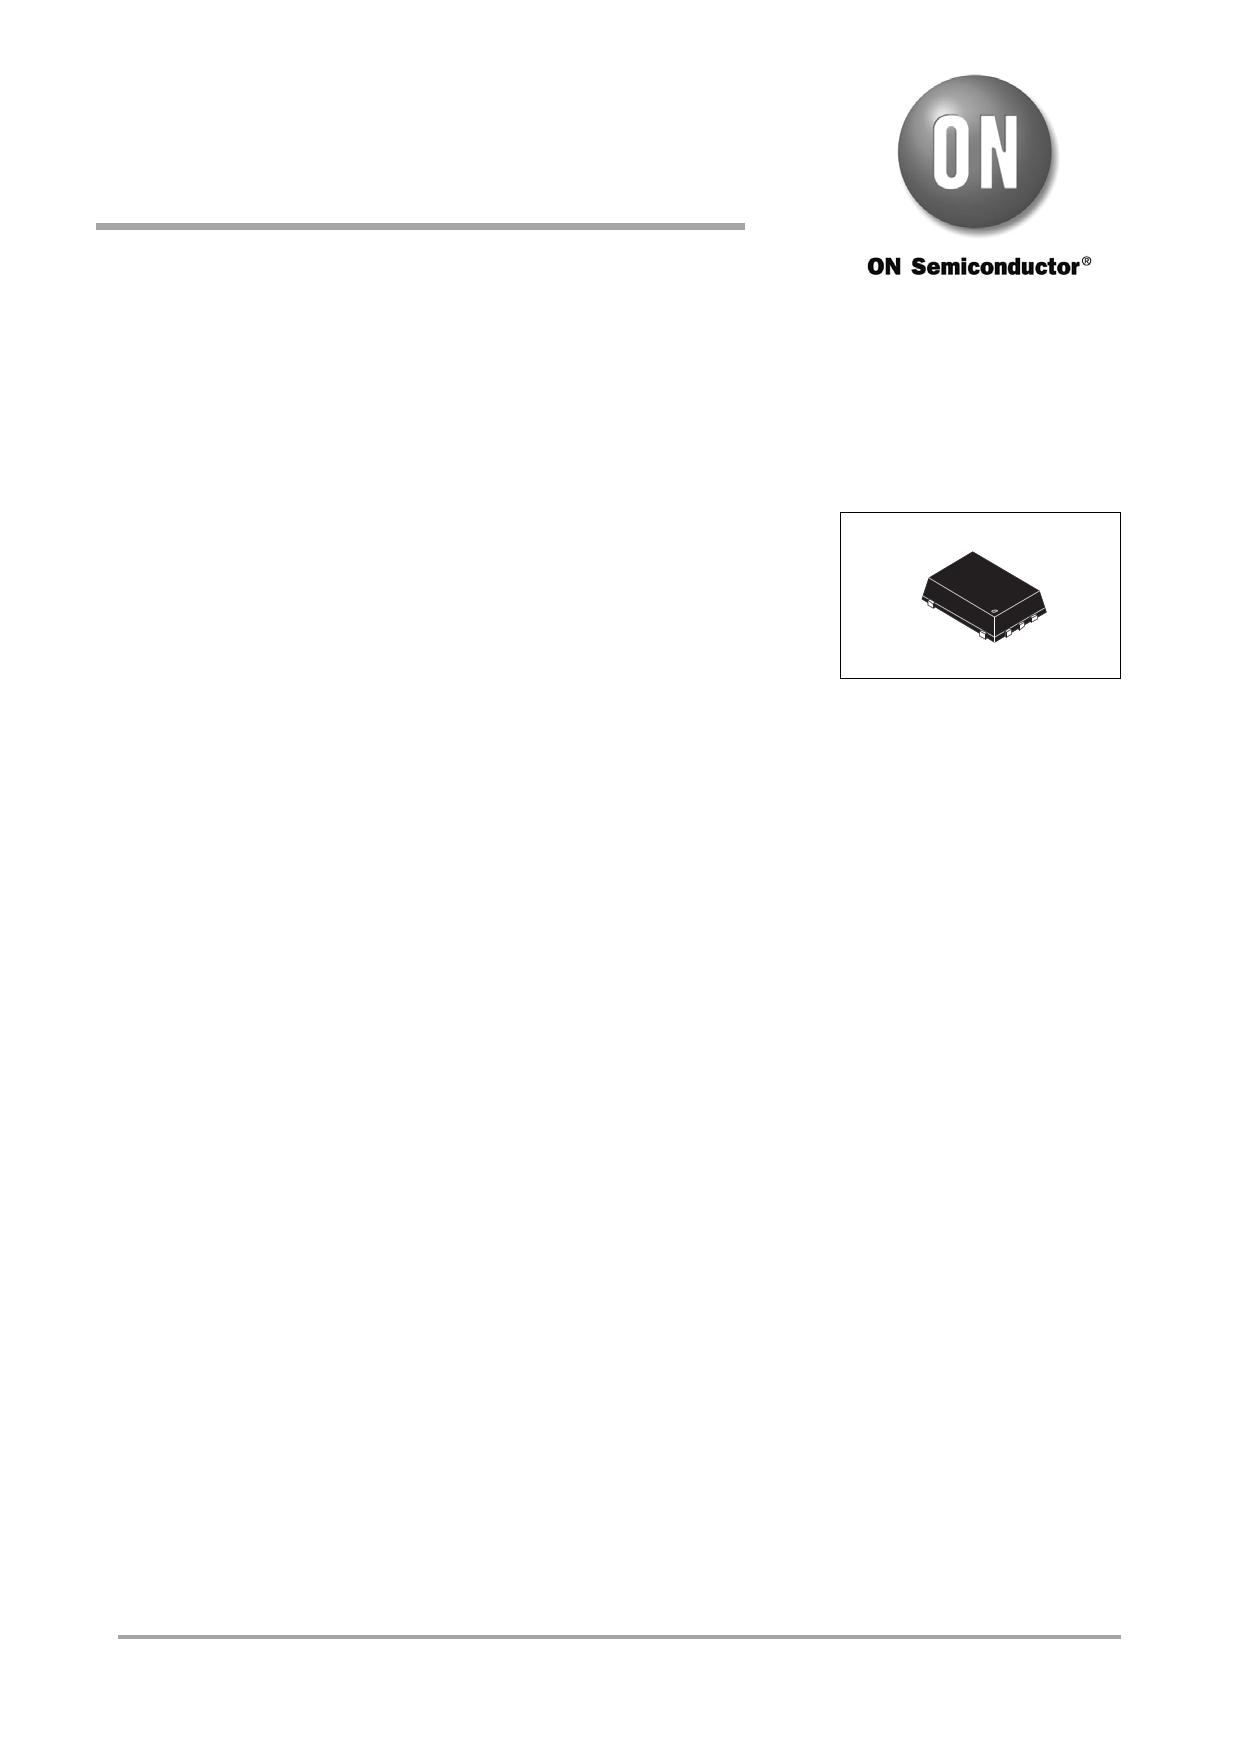 LC05112CMT datasheet